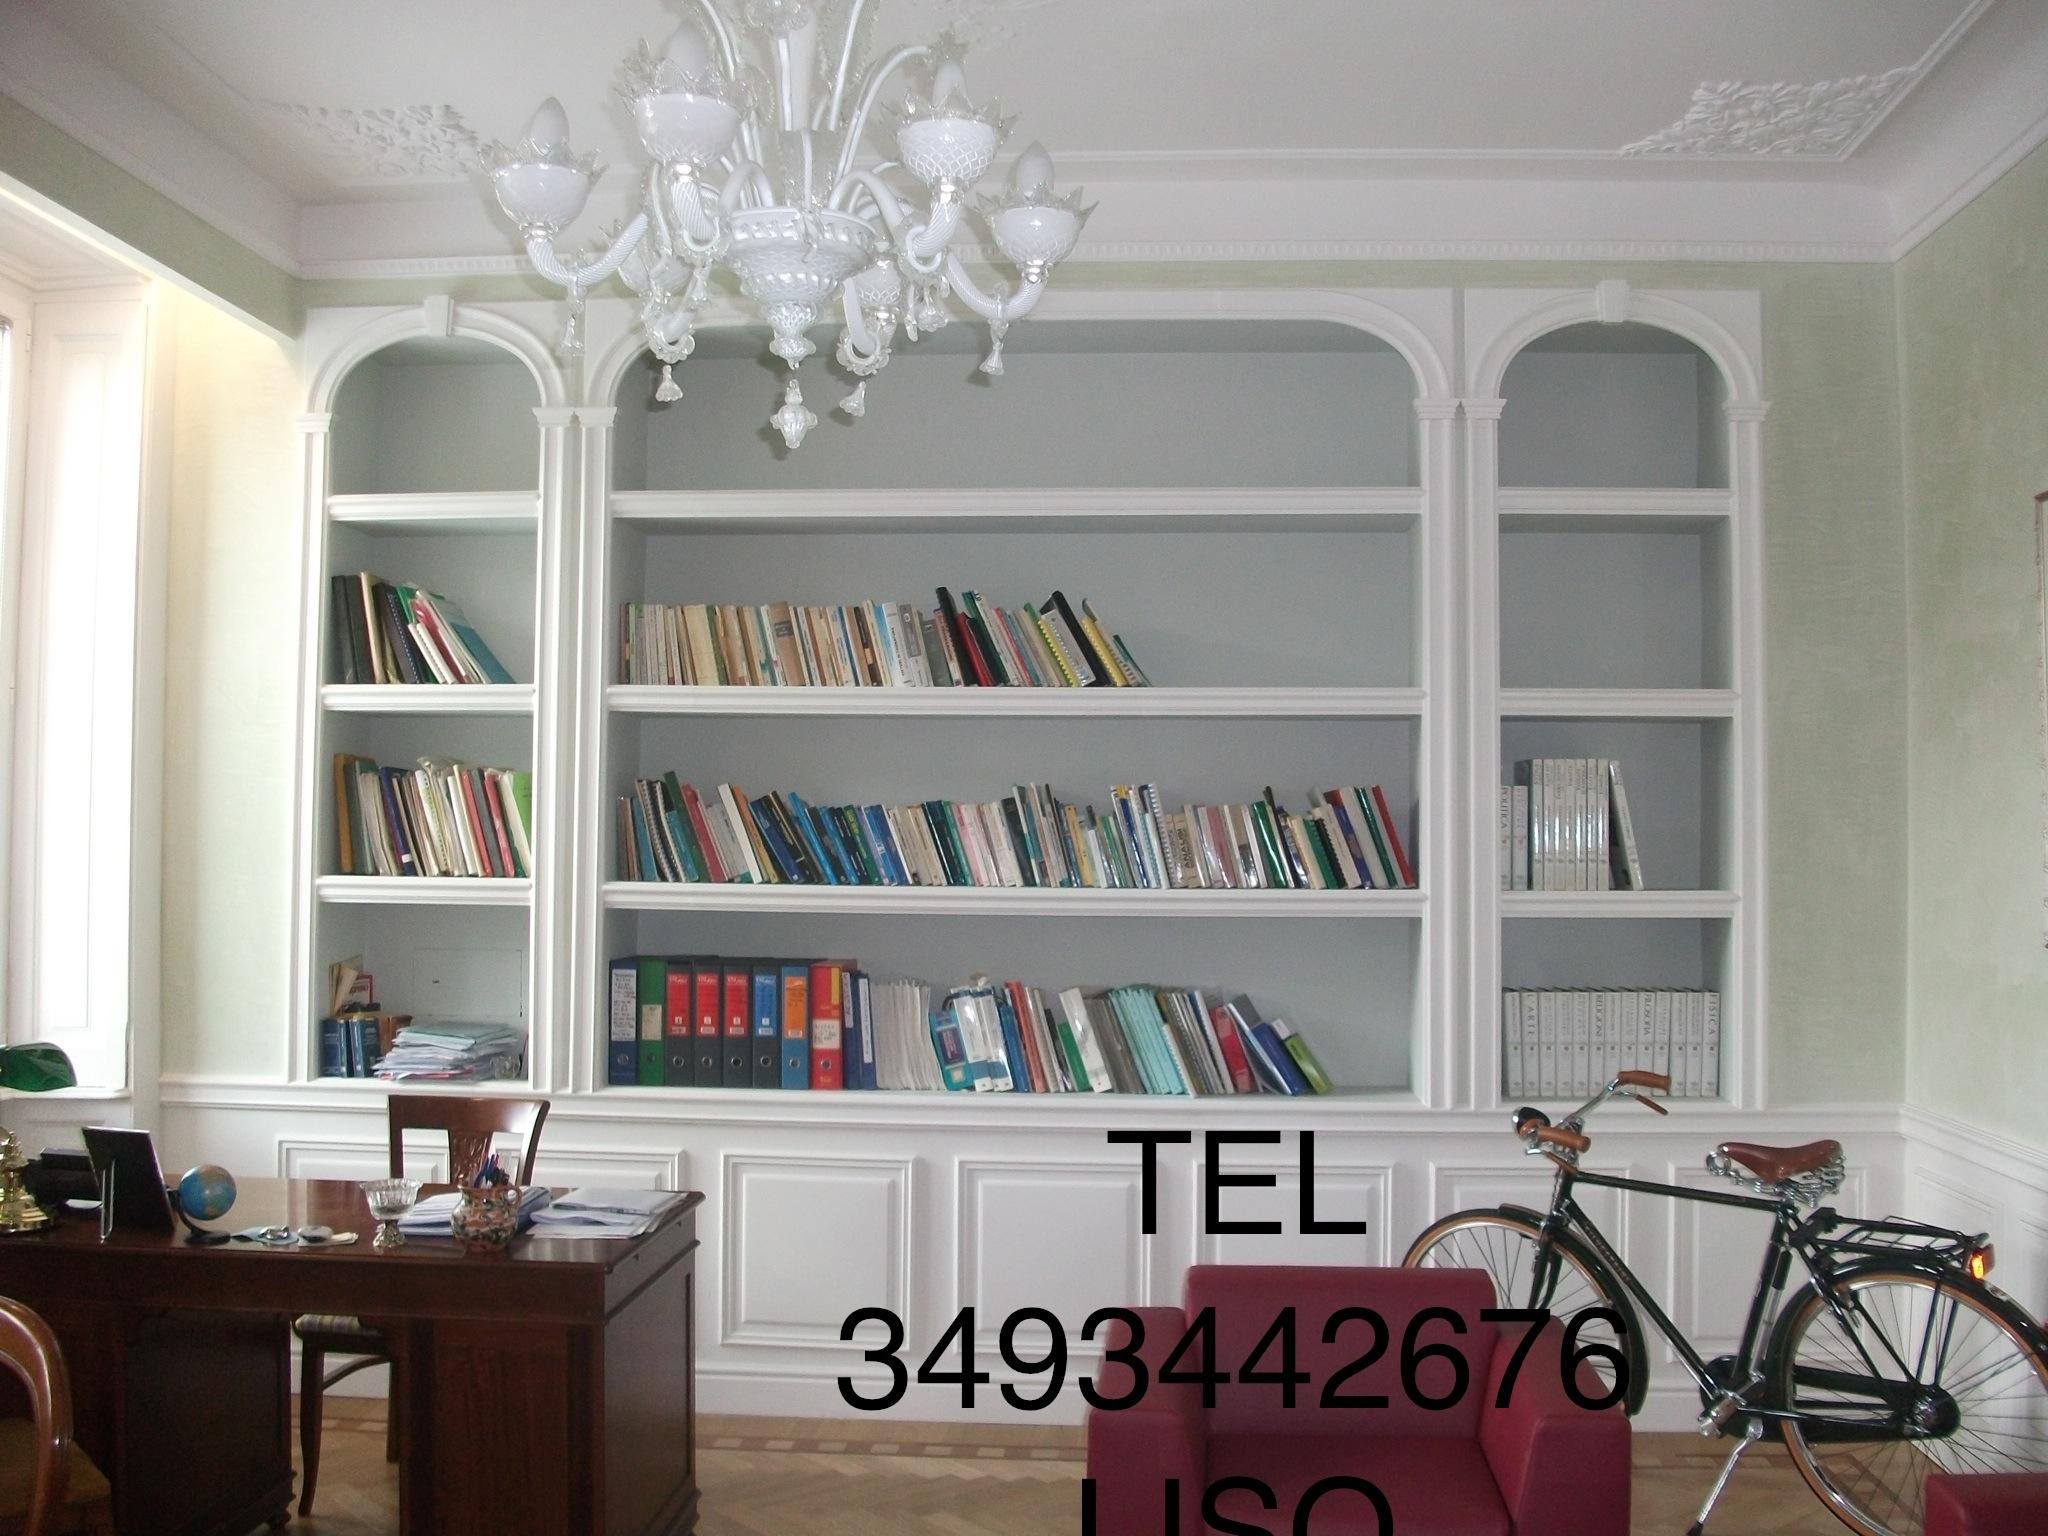 Cartongesso milano cartongesso pareti divisorie milano - Stucchi decorativi per pareti ...